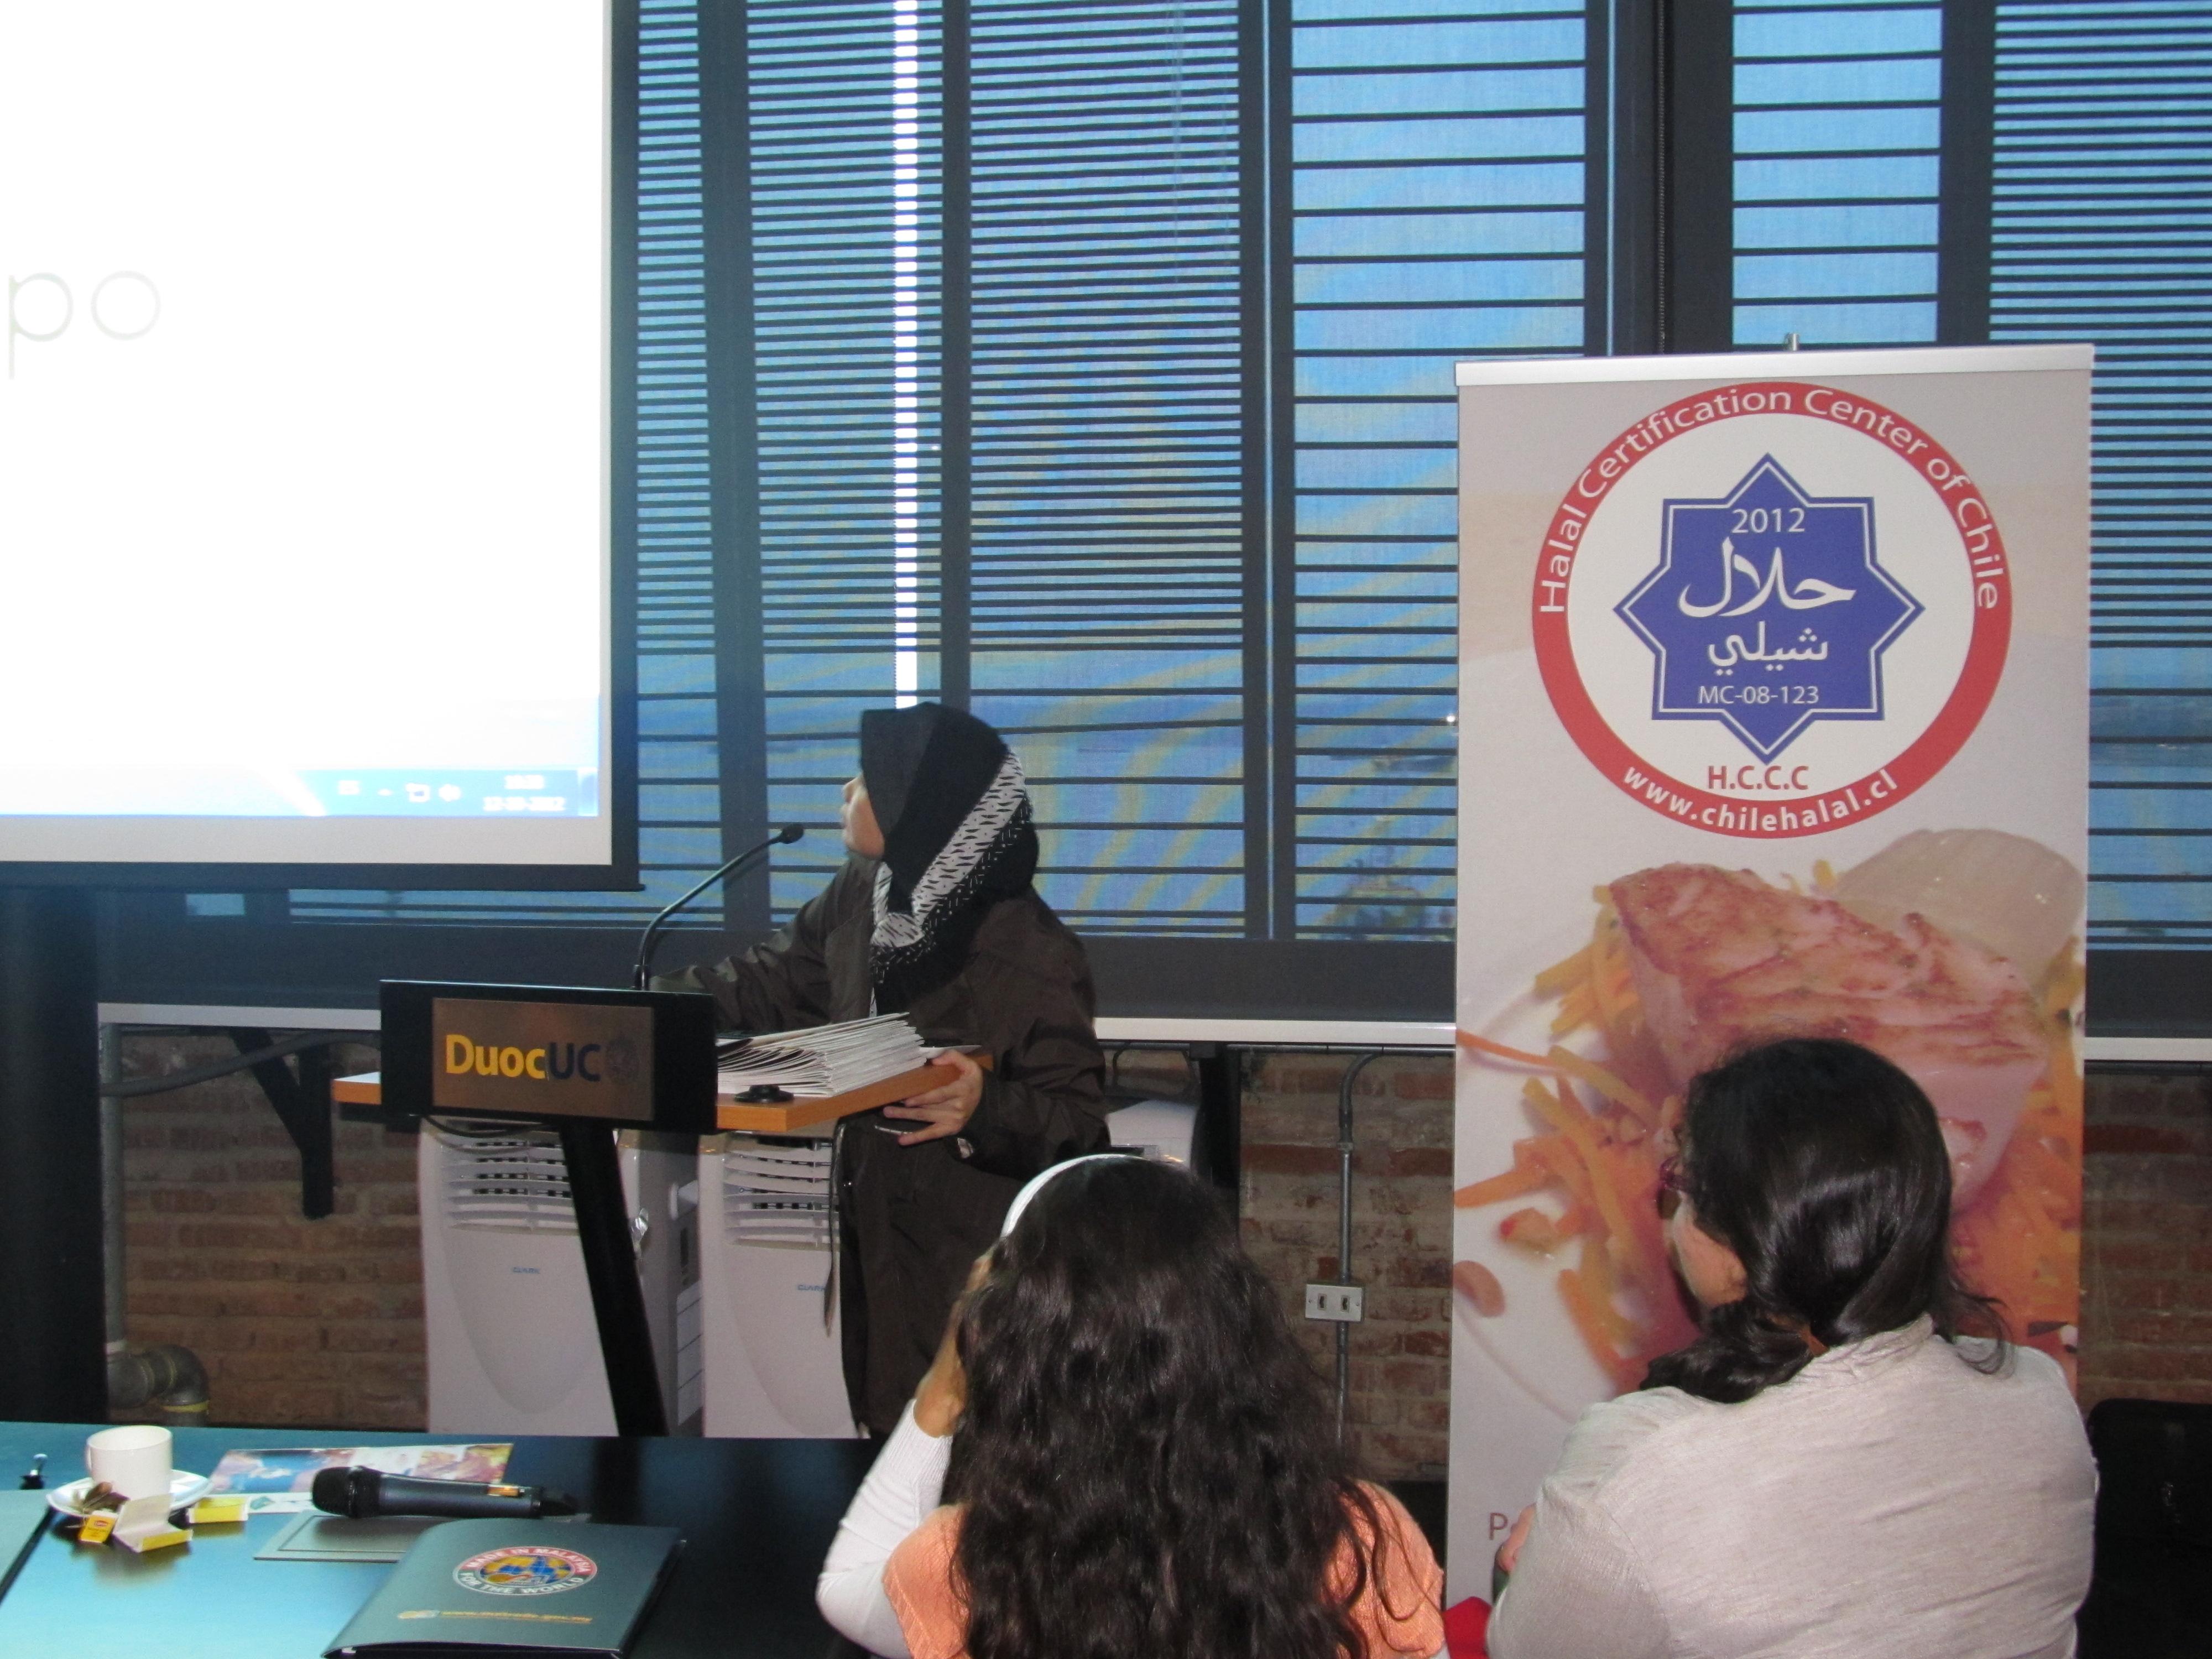 Dr. Faridah Hj. Hassan, de la Facultad de Business Management de la Universiti Teknologi MARA de Malasia, hace una charla en la HalalExpoChile 2012